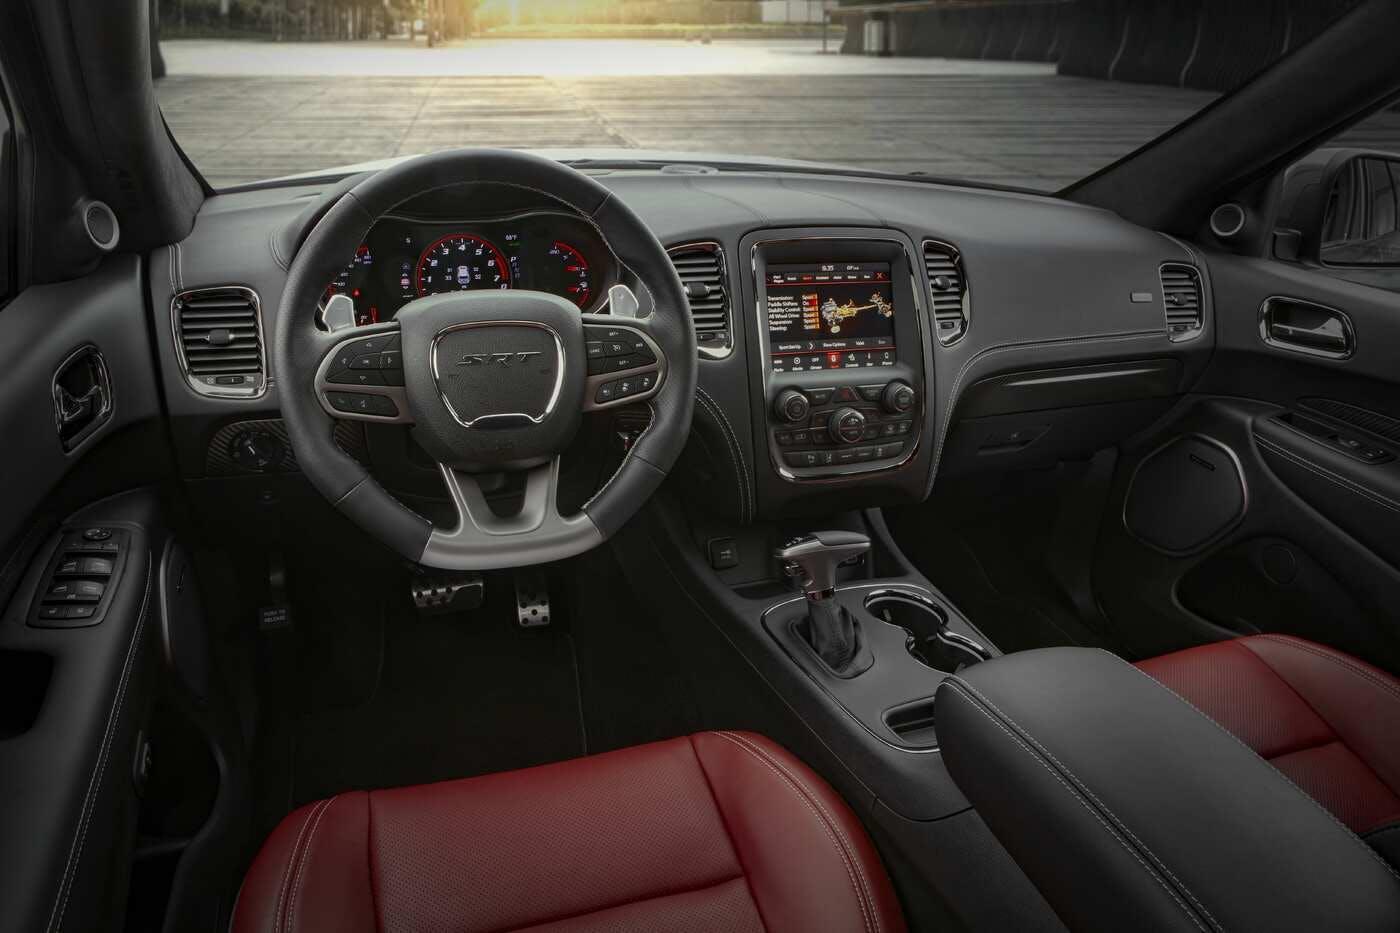 La Dodge Durango tiene buen espacio interior